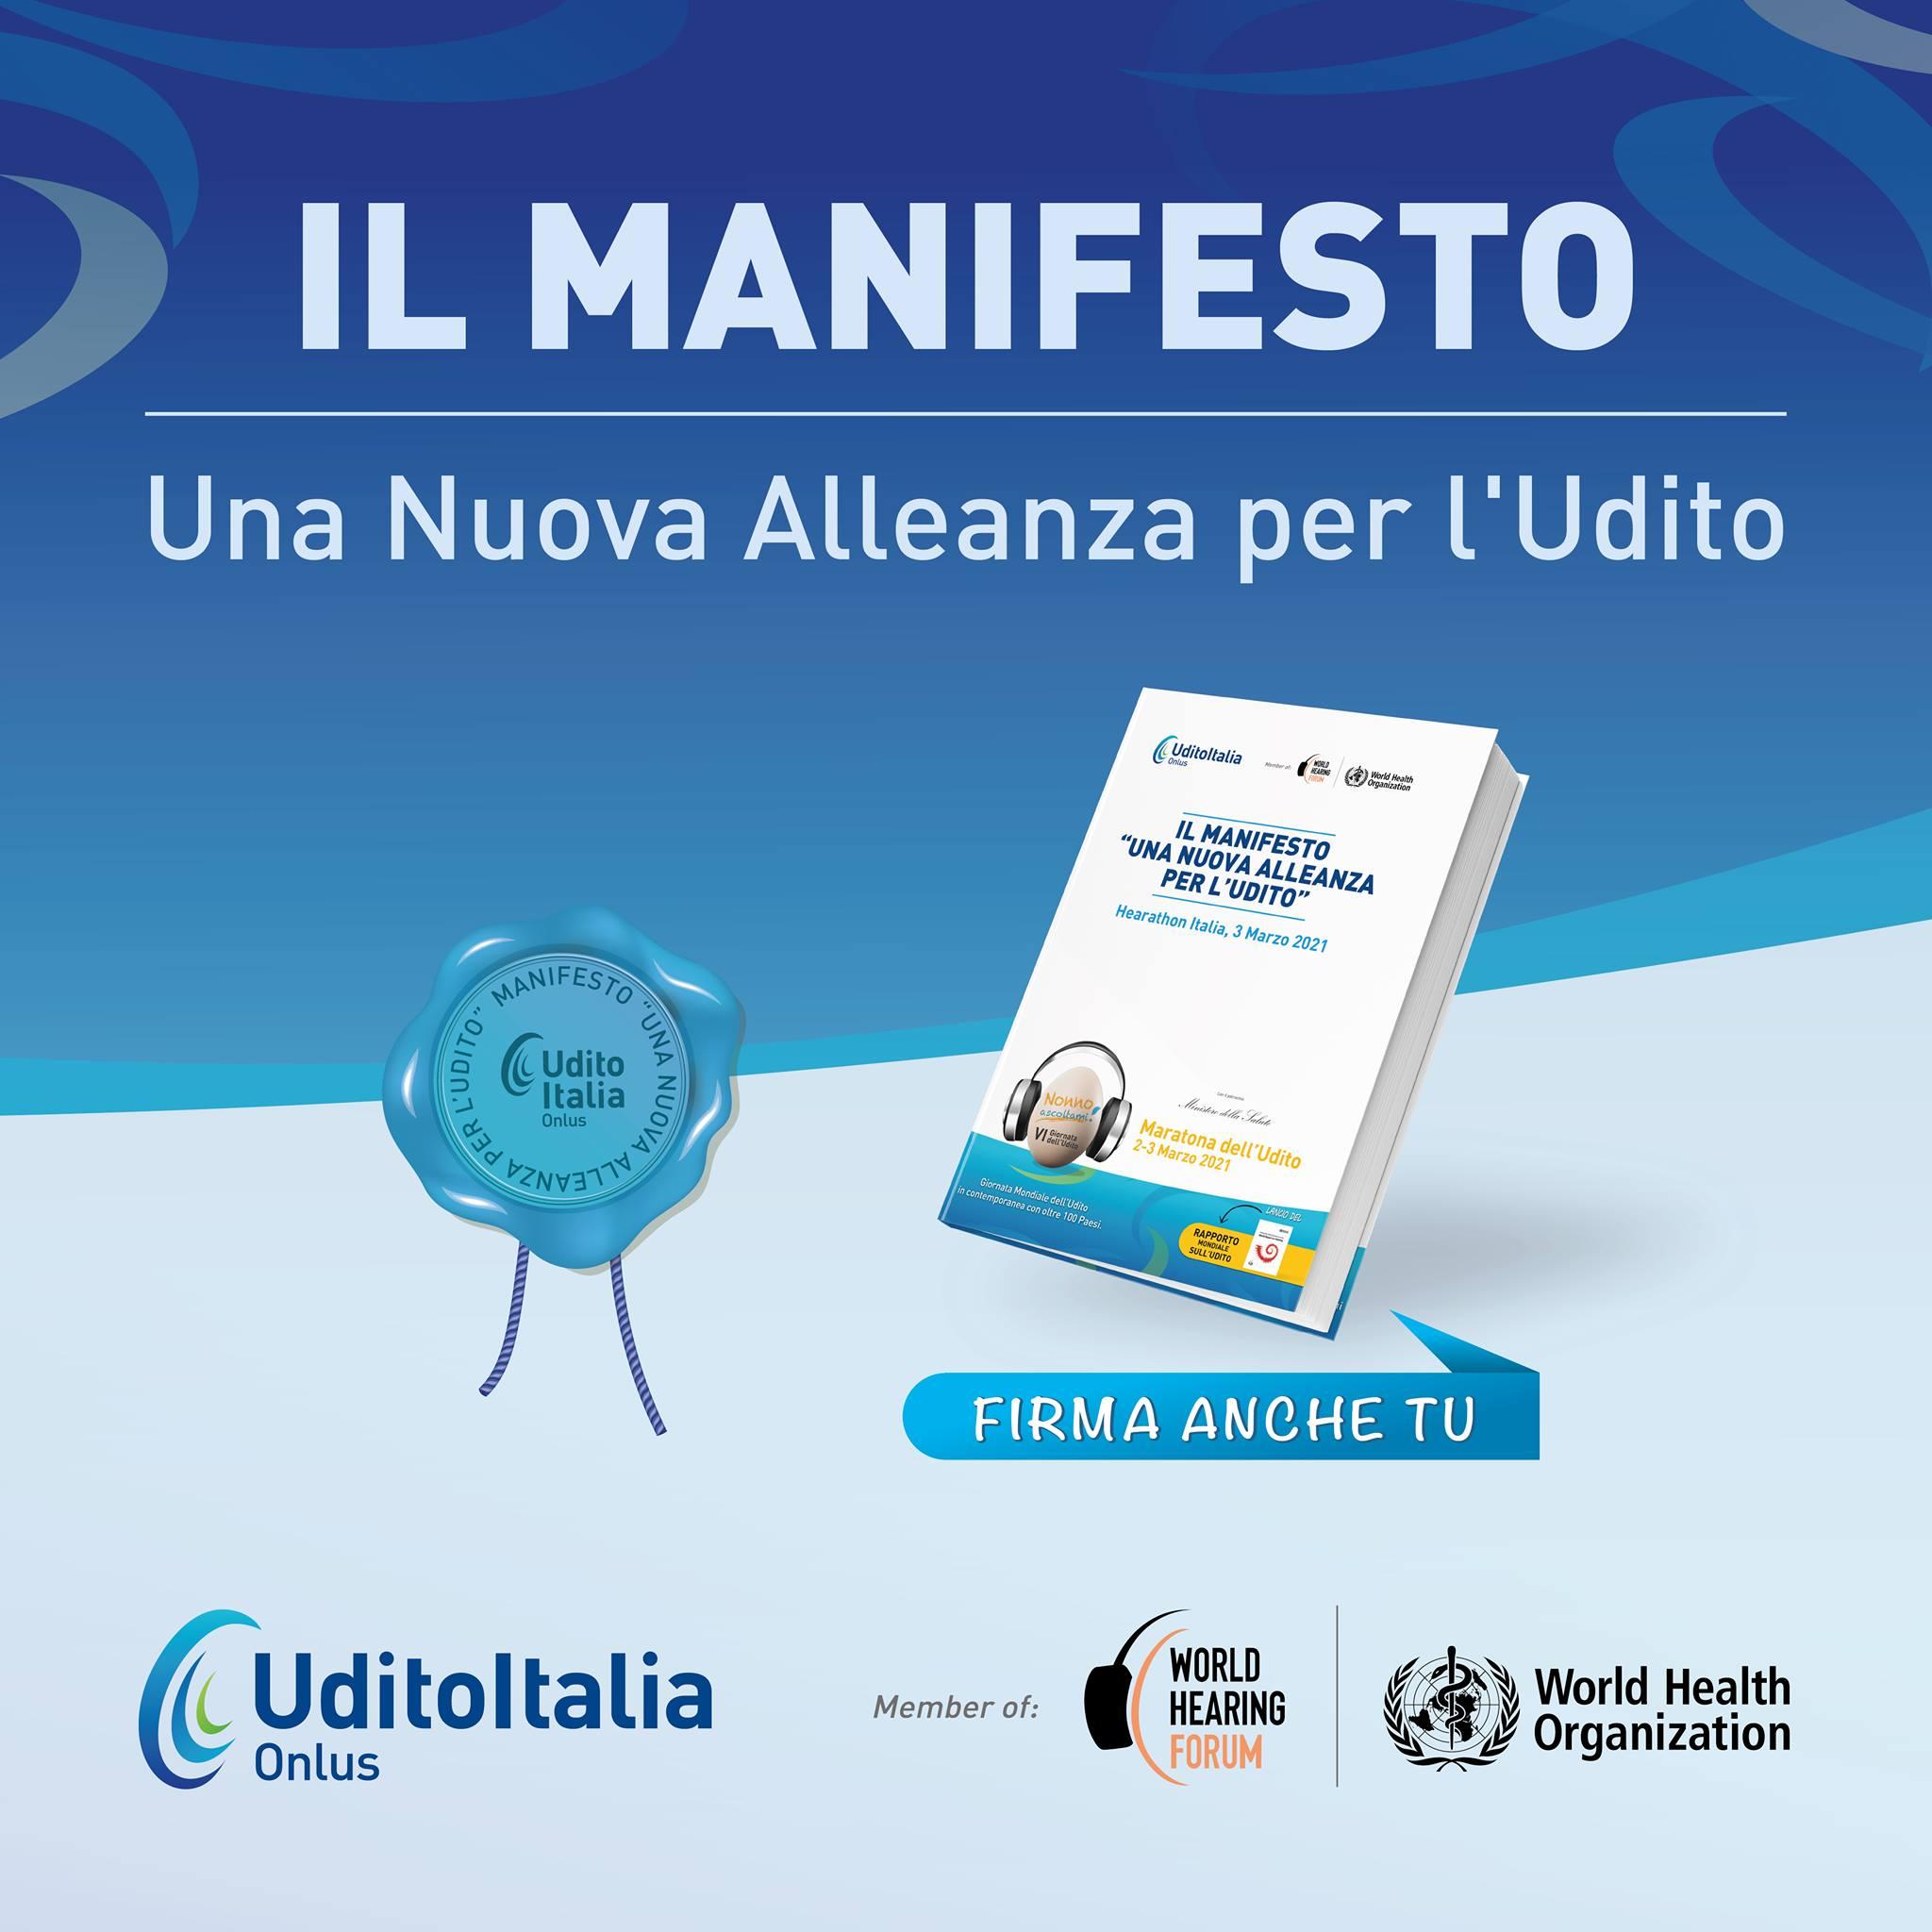 Firma anche tu il Manifesto, unisciti alla Nuova Alleanza per l'Udito!